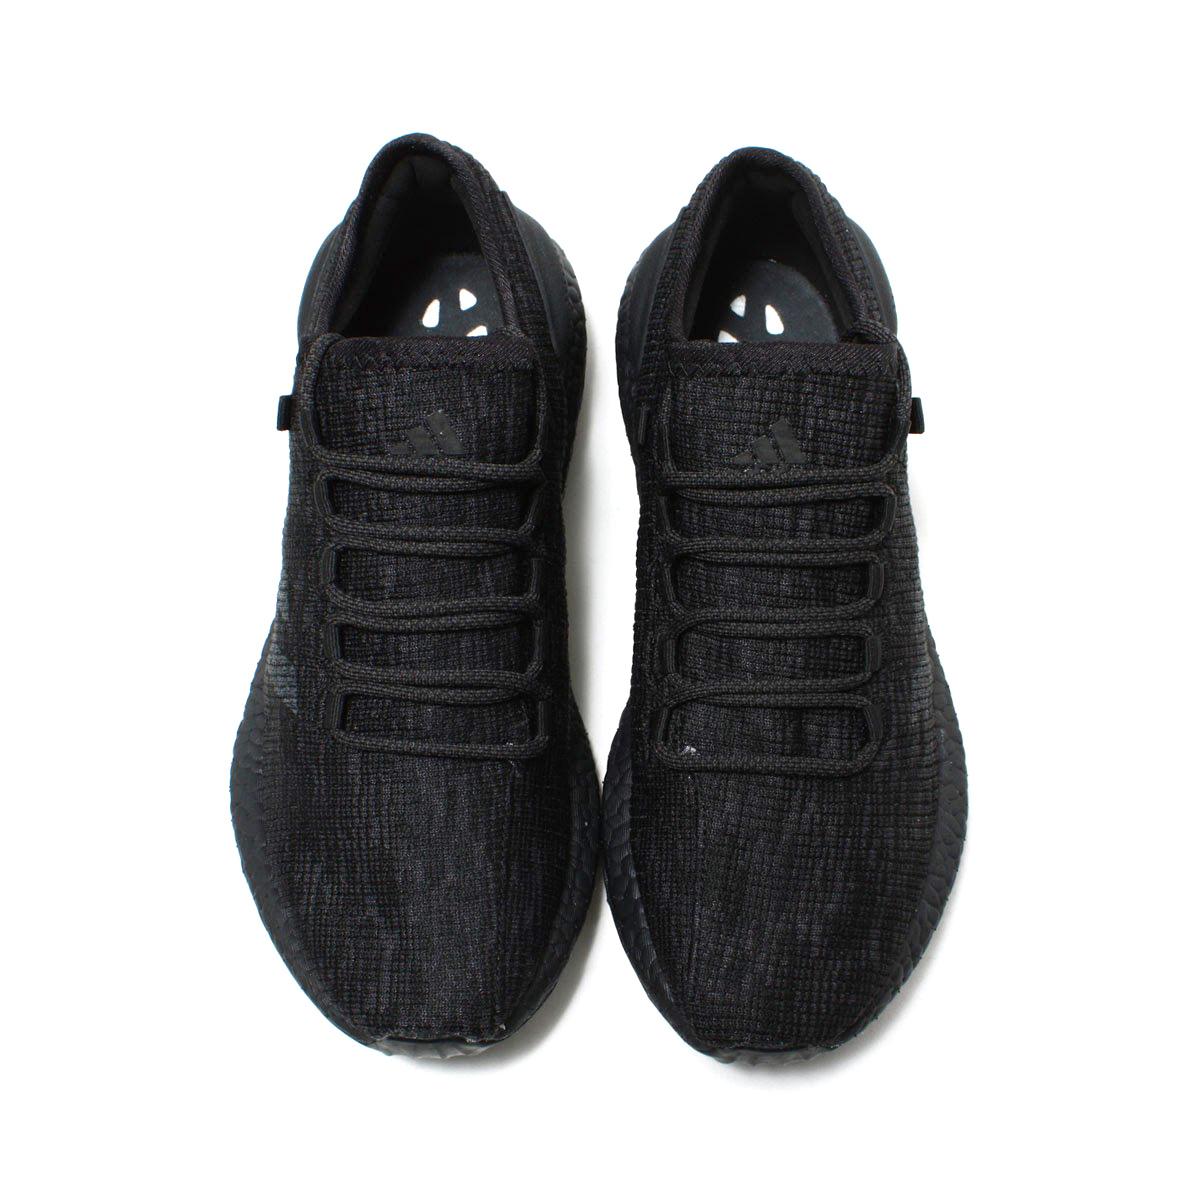 2038821fe9f1d adidas Originals PureBOOST LTD (Adidas originals pure boost LTD) (core  black  DGH solid gray  DGH solid gray) 18SS-I